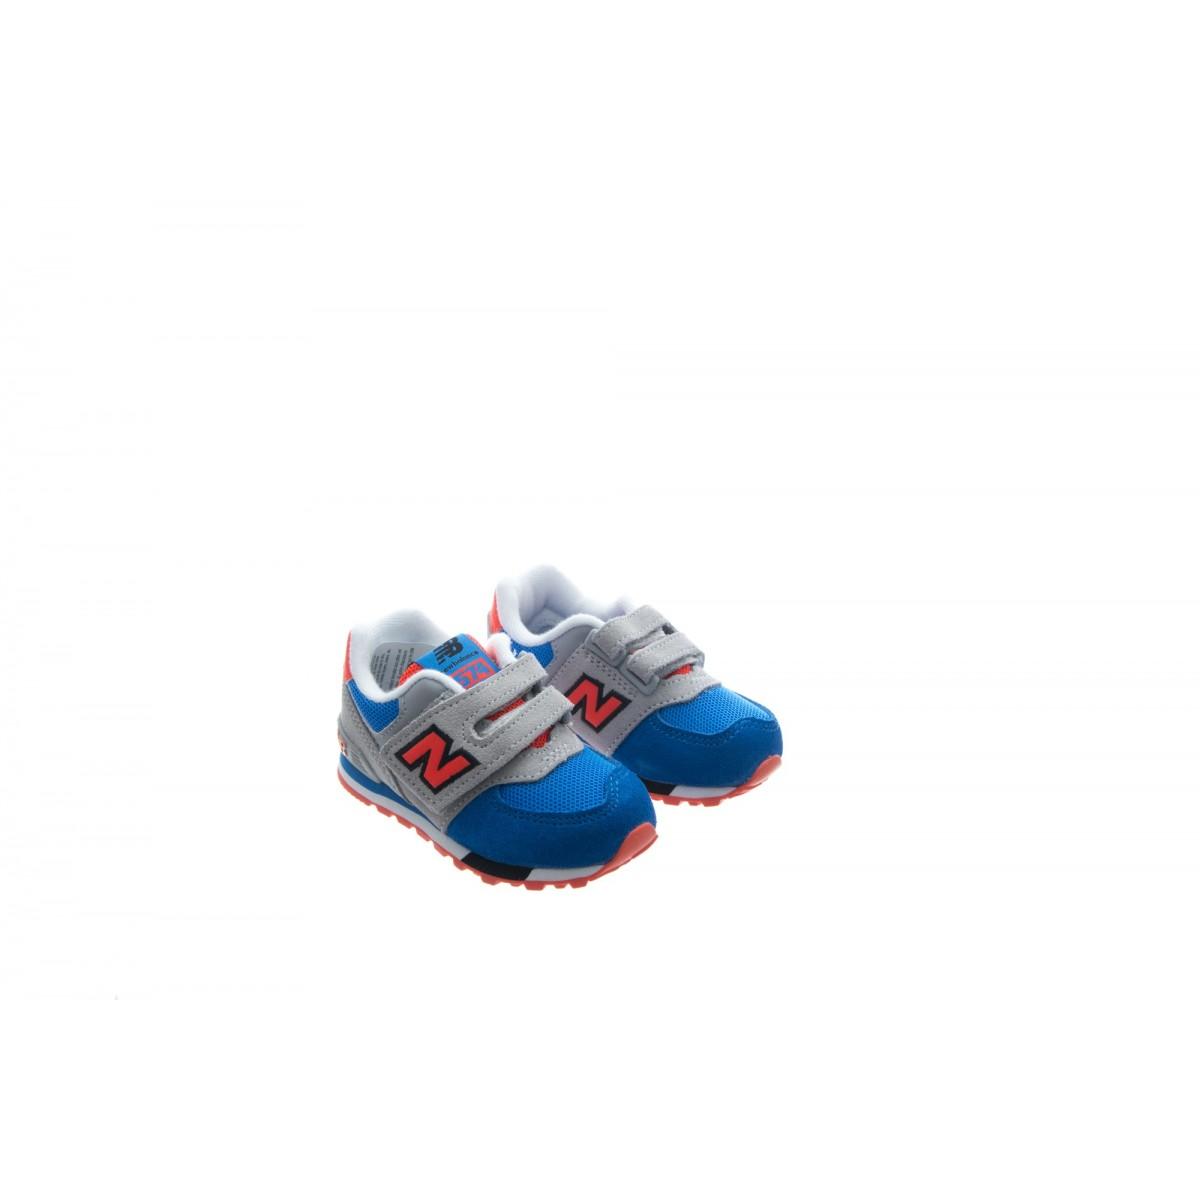 Scarpe - Kv574 infant